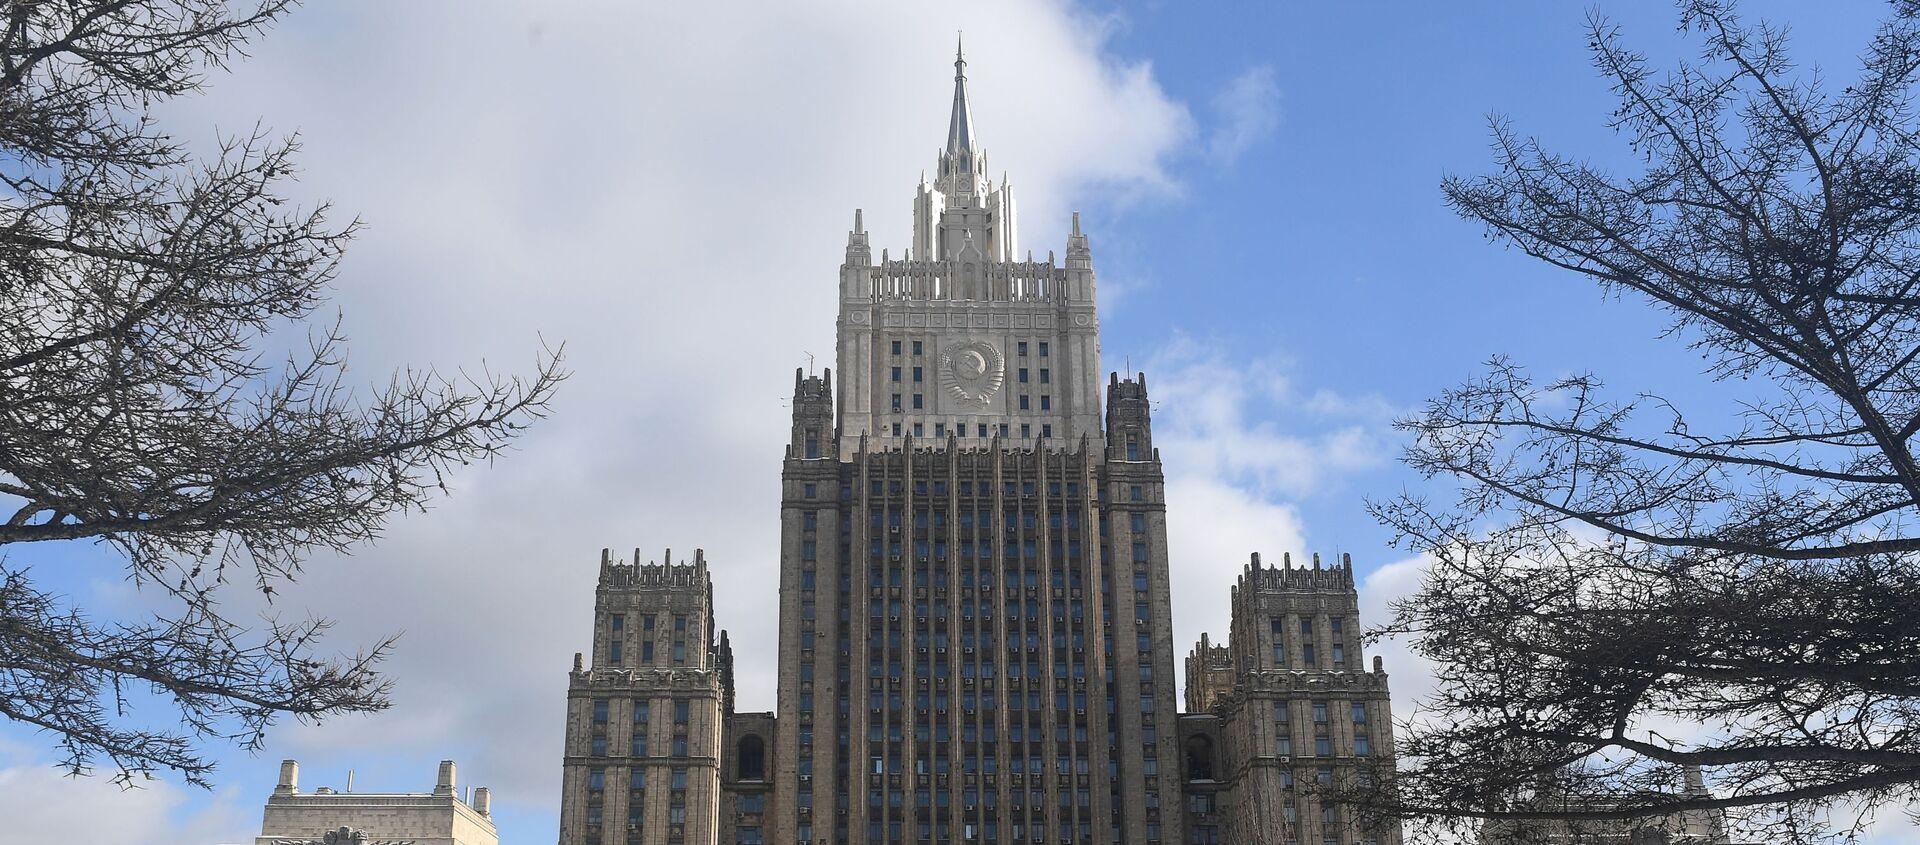 Gmach rosyjskiego ministerstwa spraw zagranicznych w Moskwie - Sputnik Polska, 1920, 23.12.2020